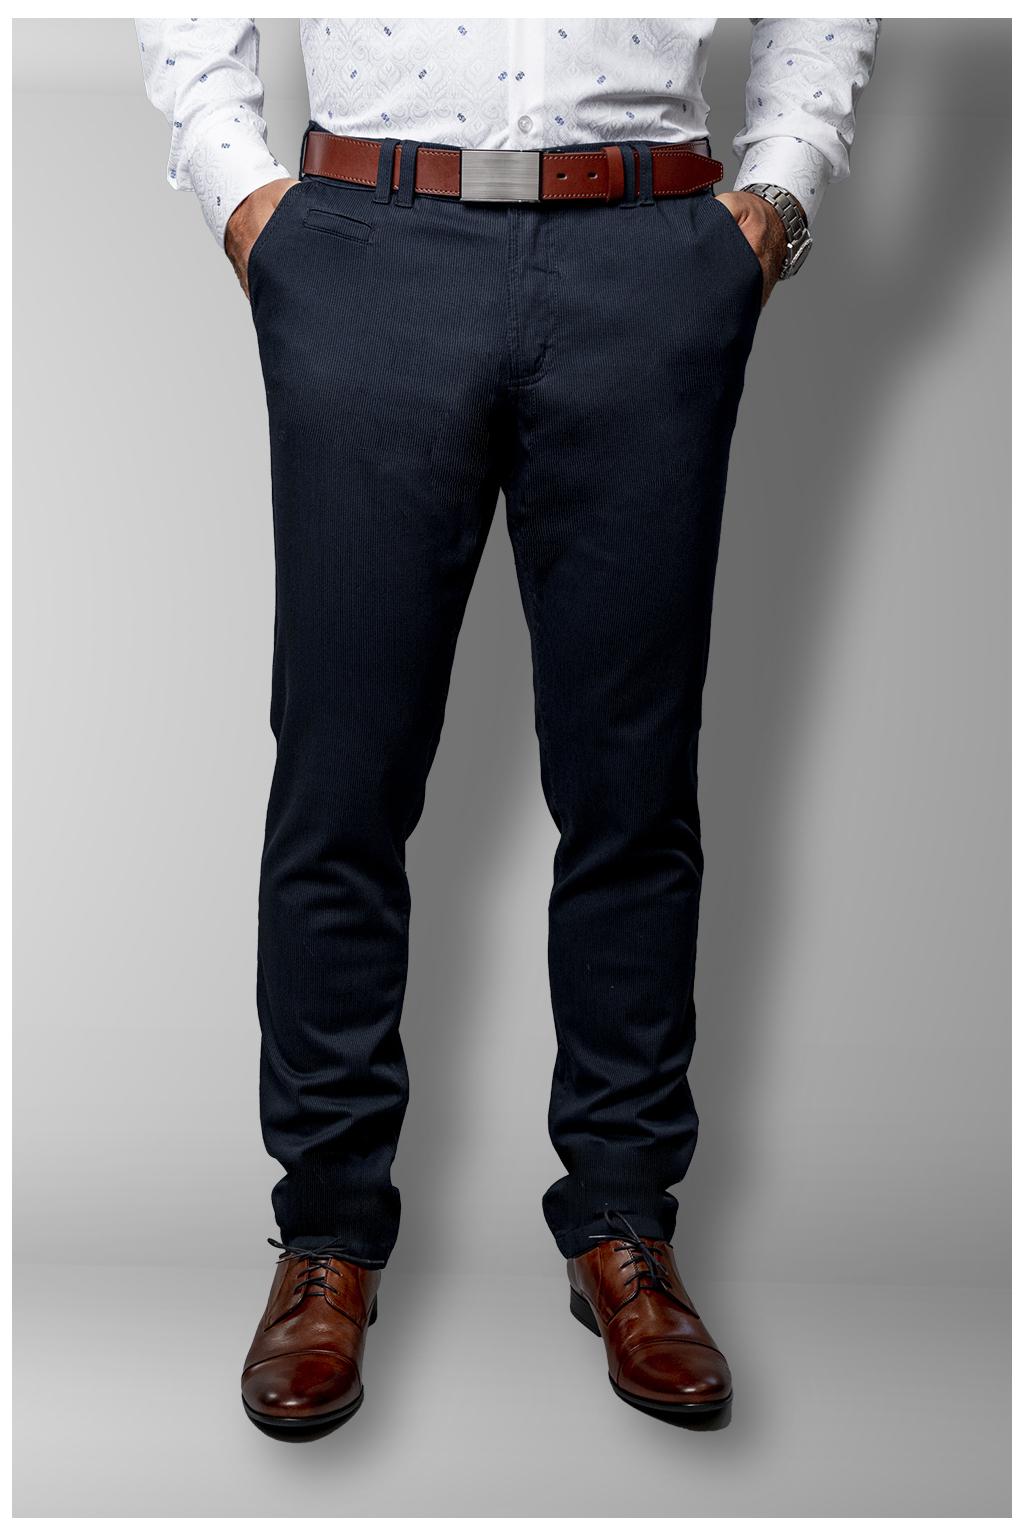 Bavlnené nohavice s jemným pruhovaným vzorom SLIM